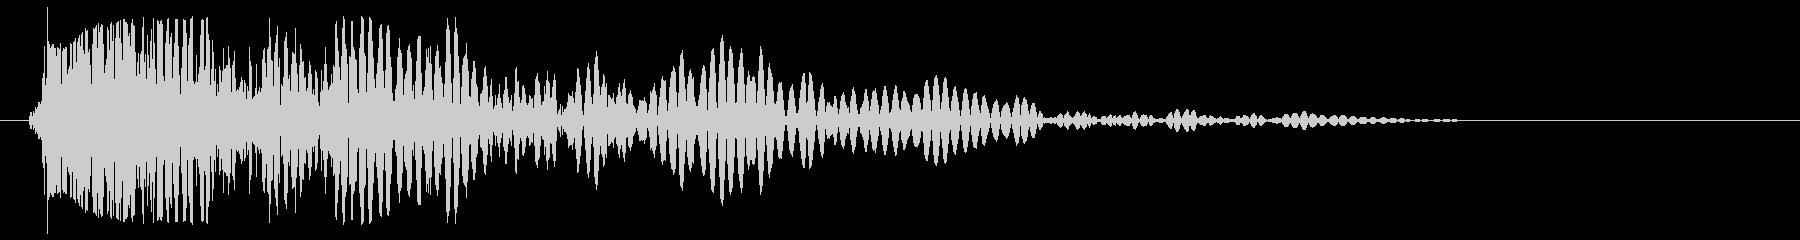 ドゥン(スネアドラム単発)の未再生の波形